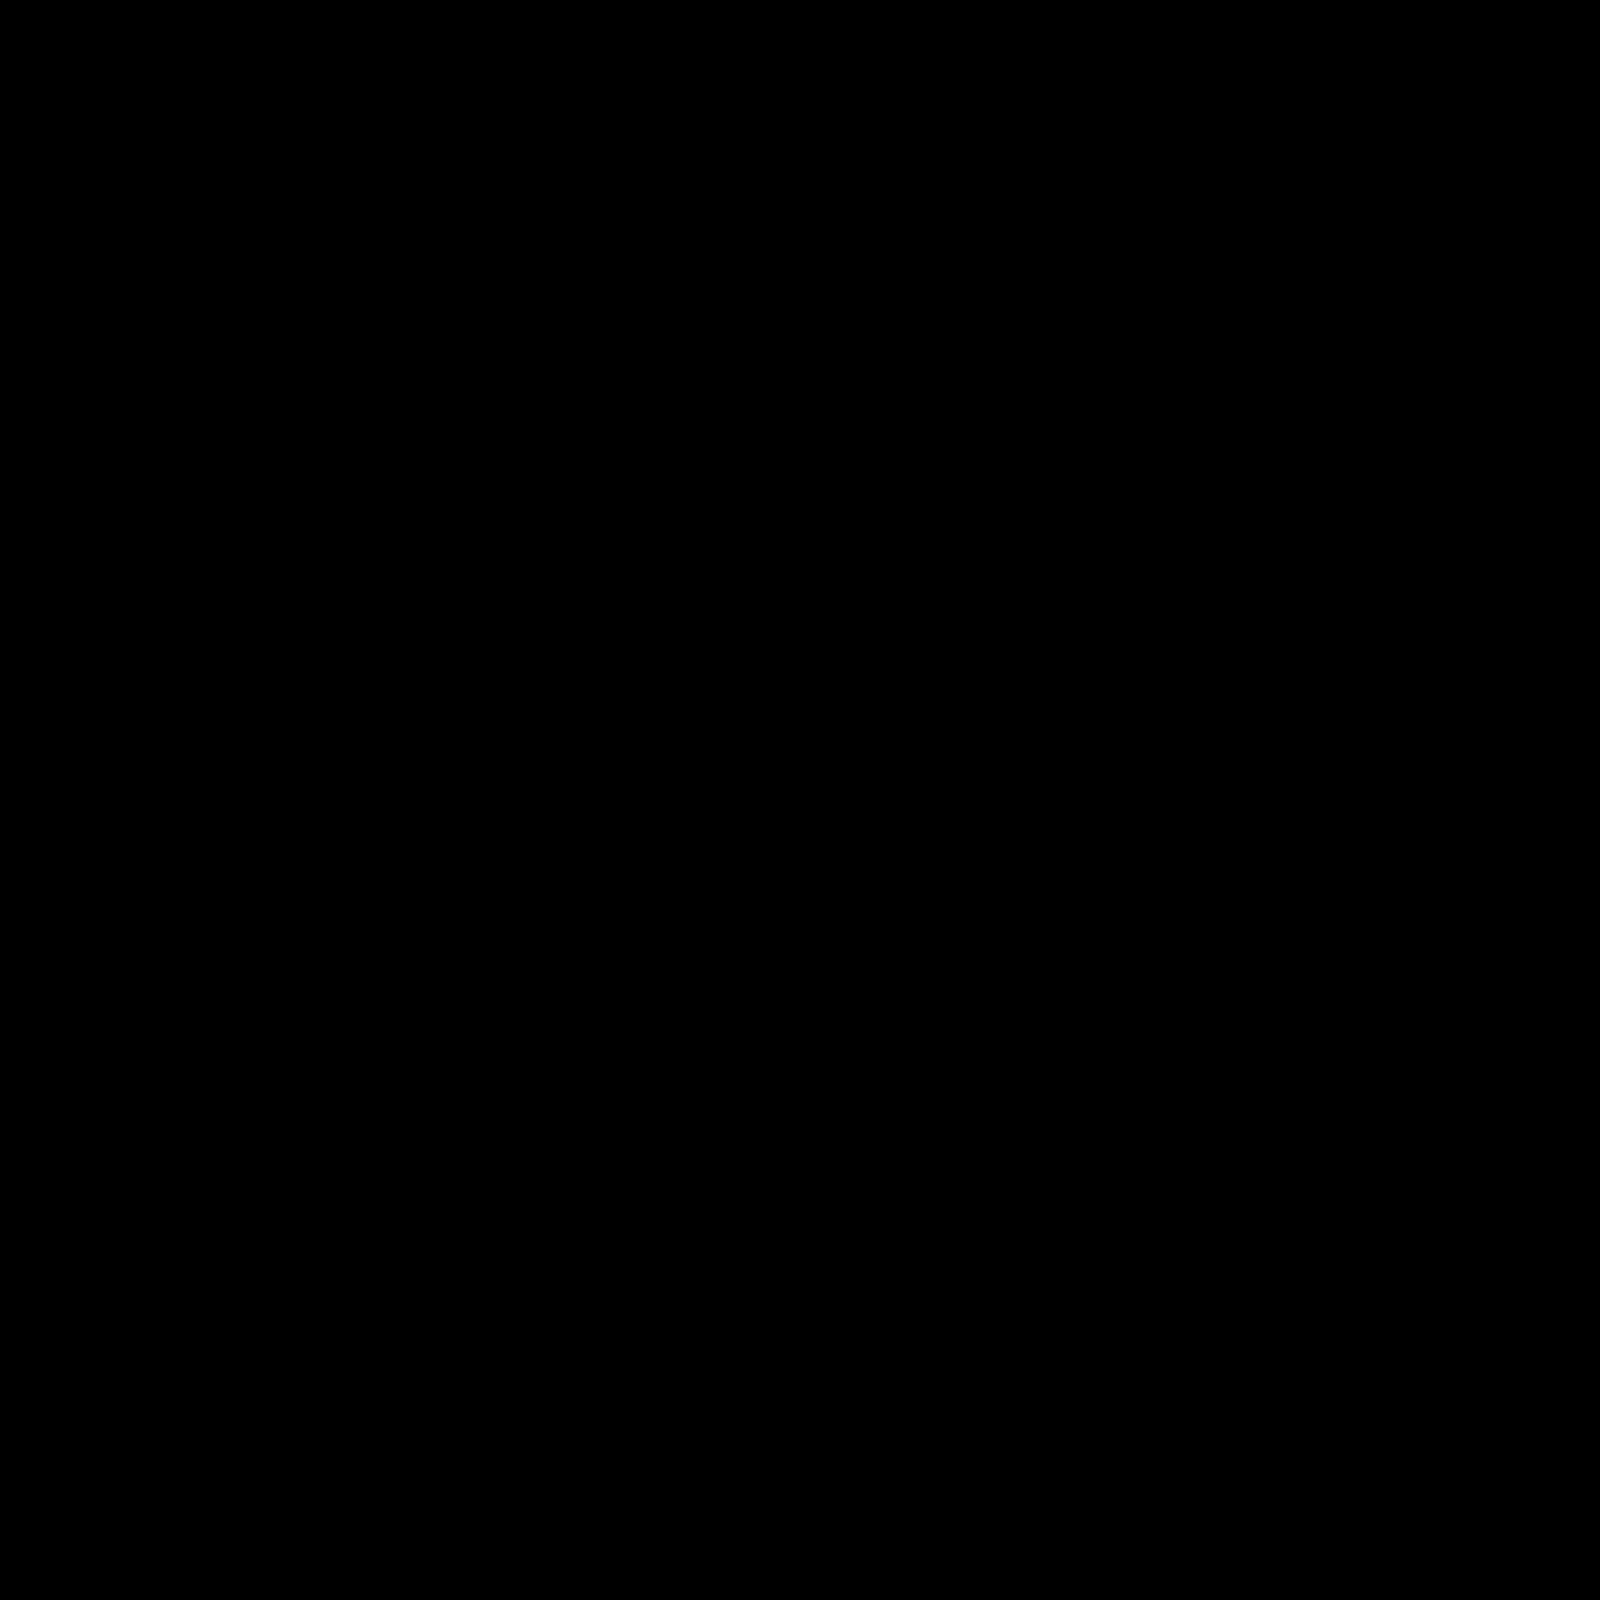 3 Klucz icon